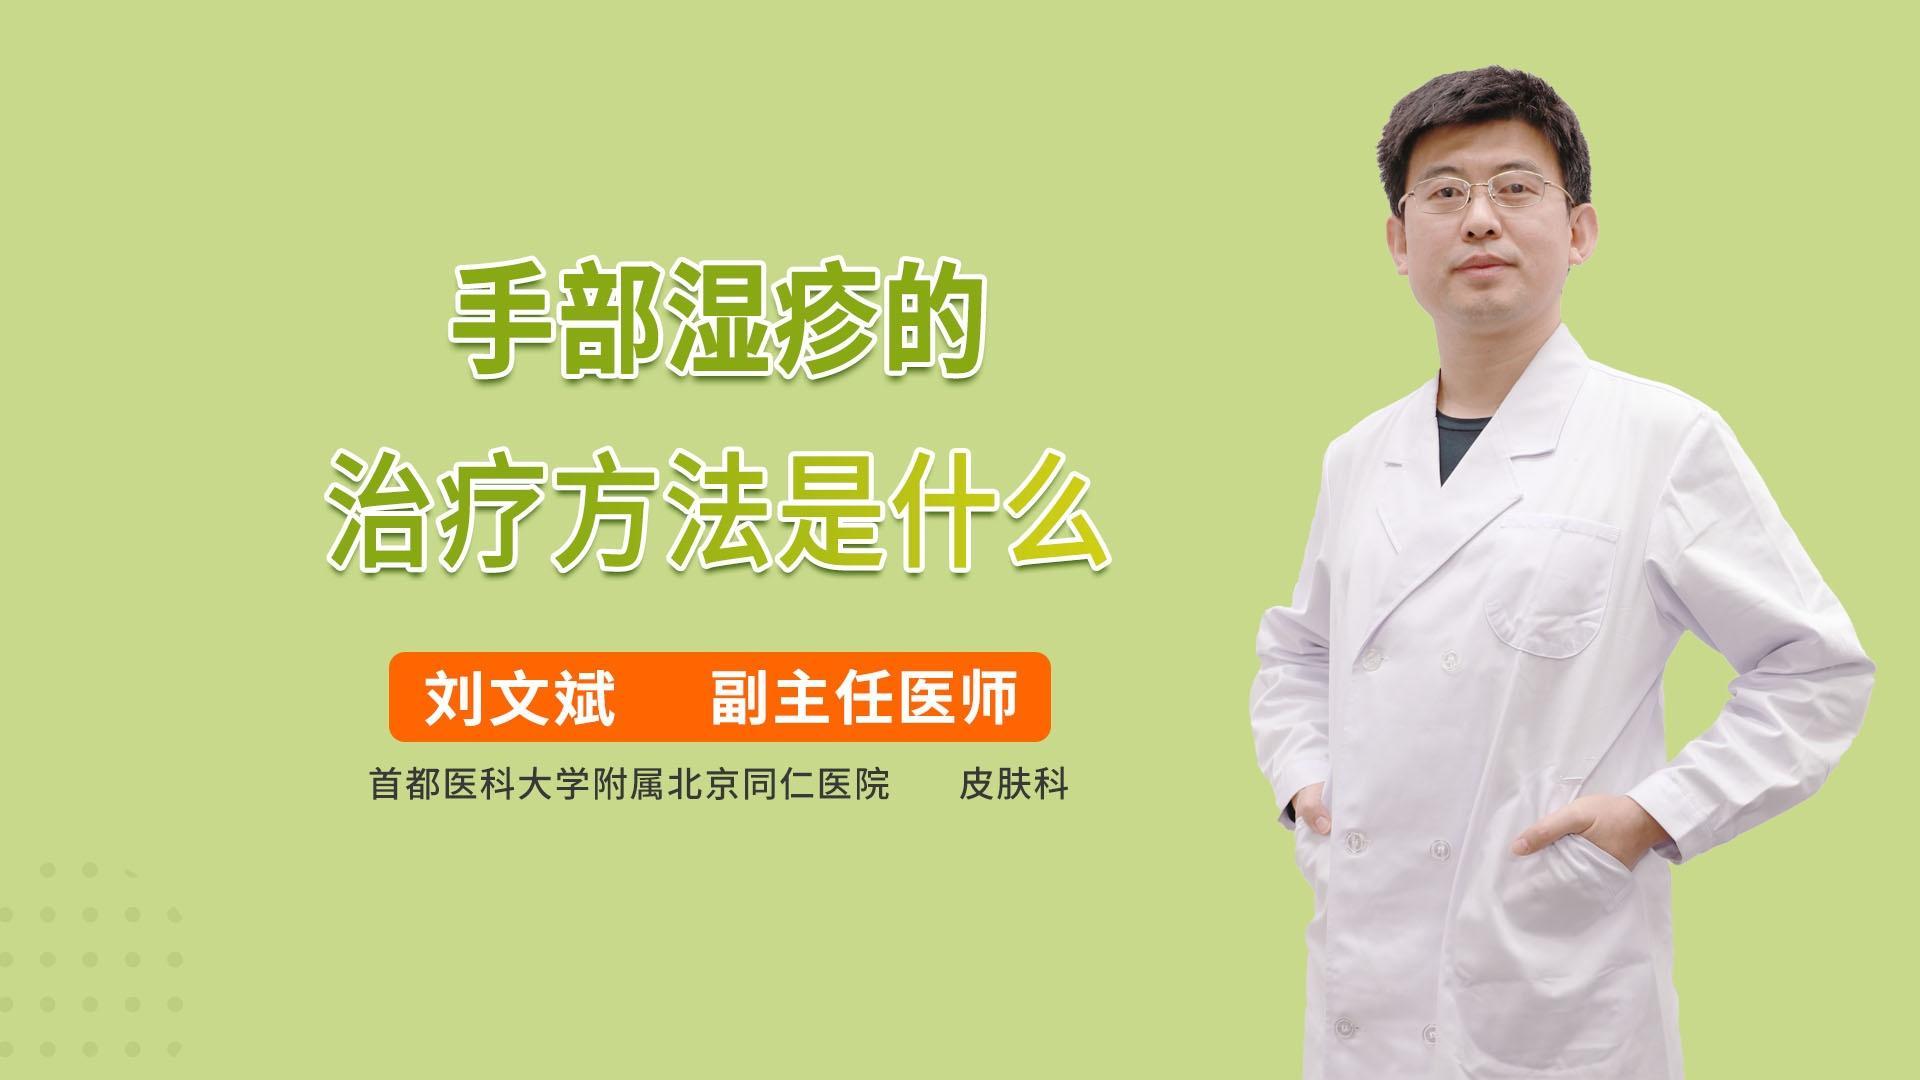 手部湿疹的治疗方法是什么